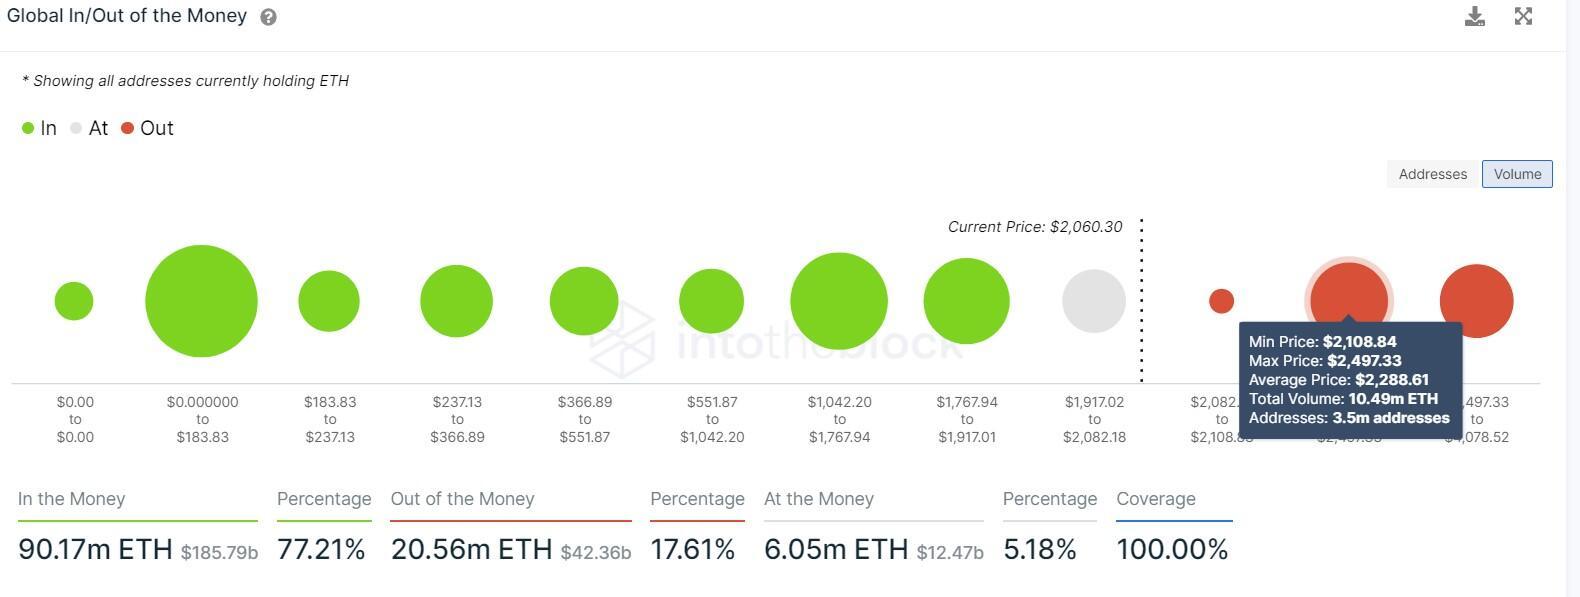 ETH GIOM chart